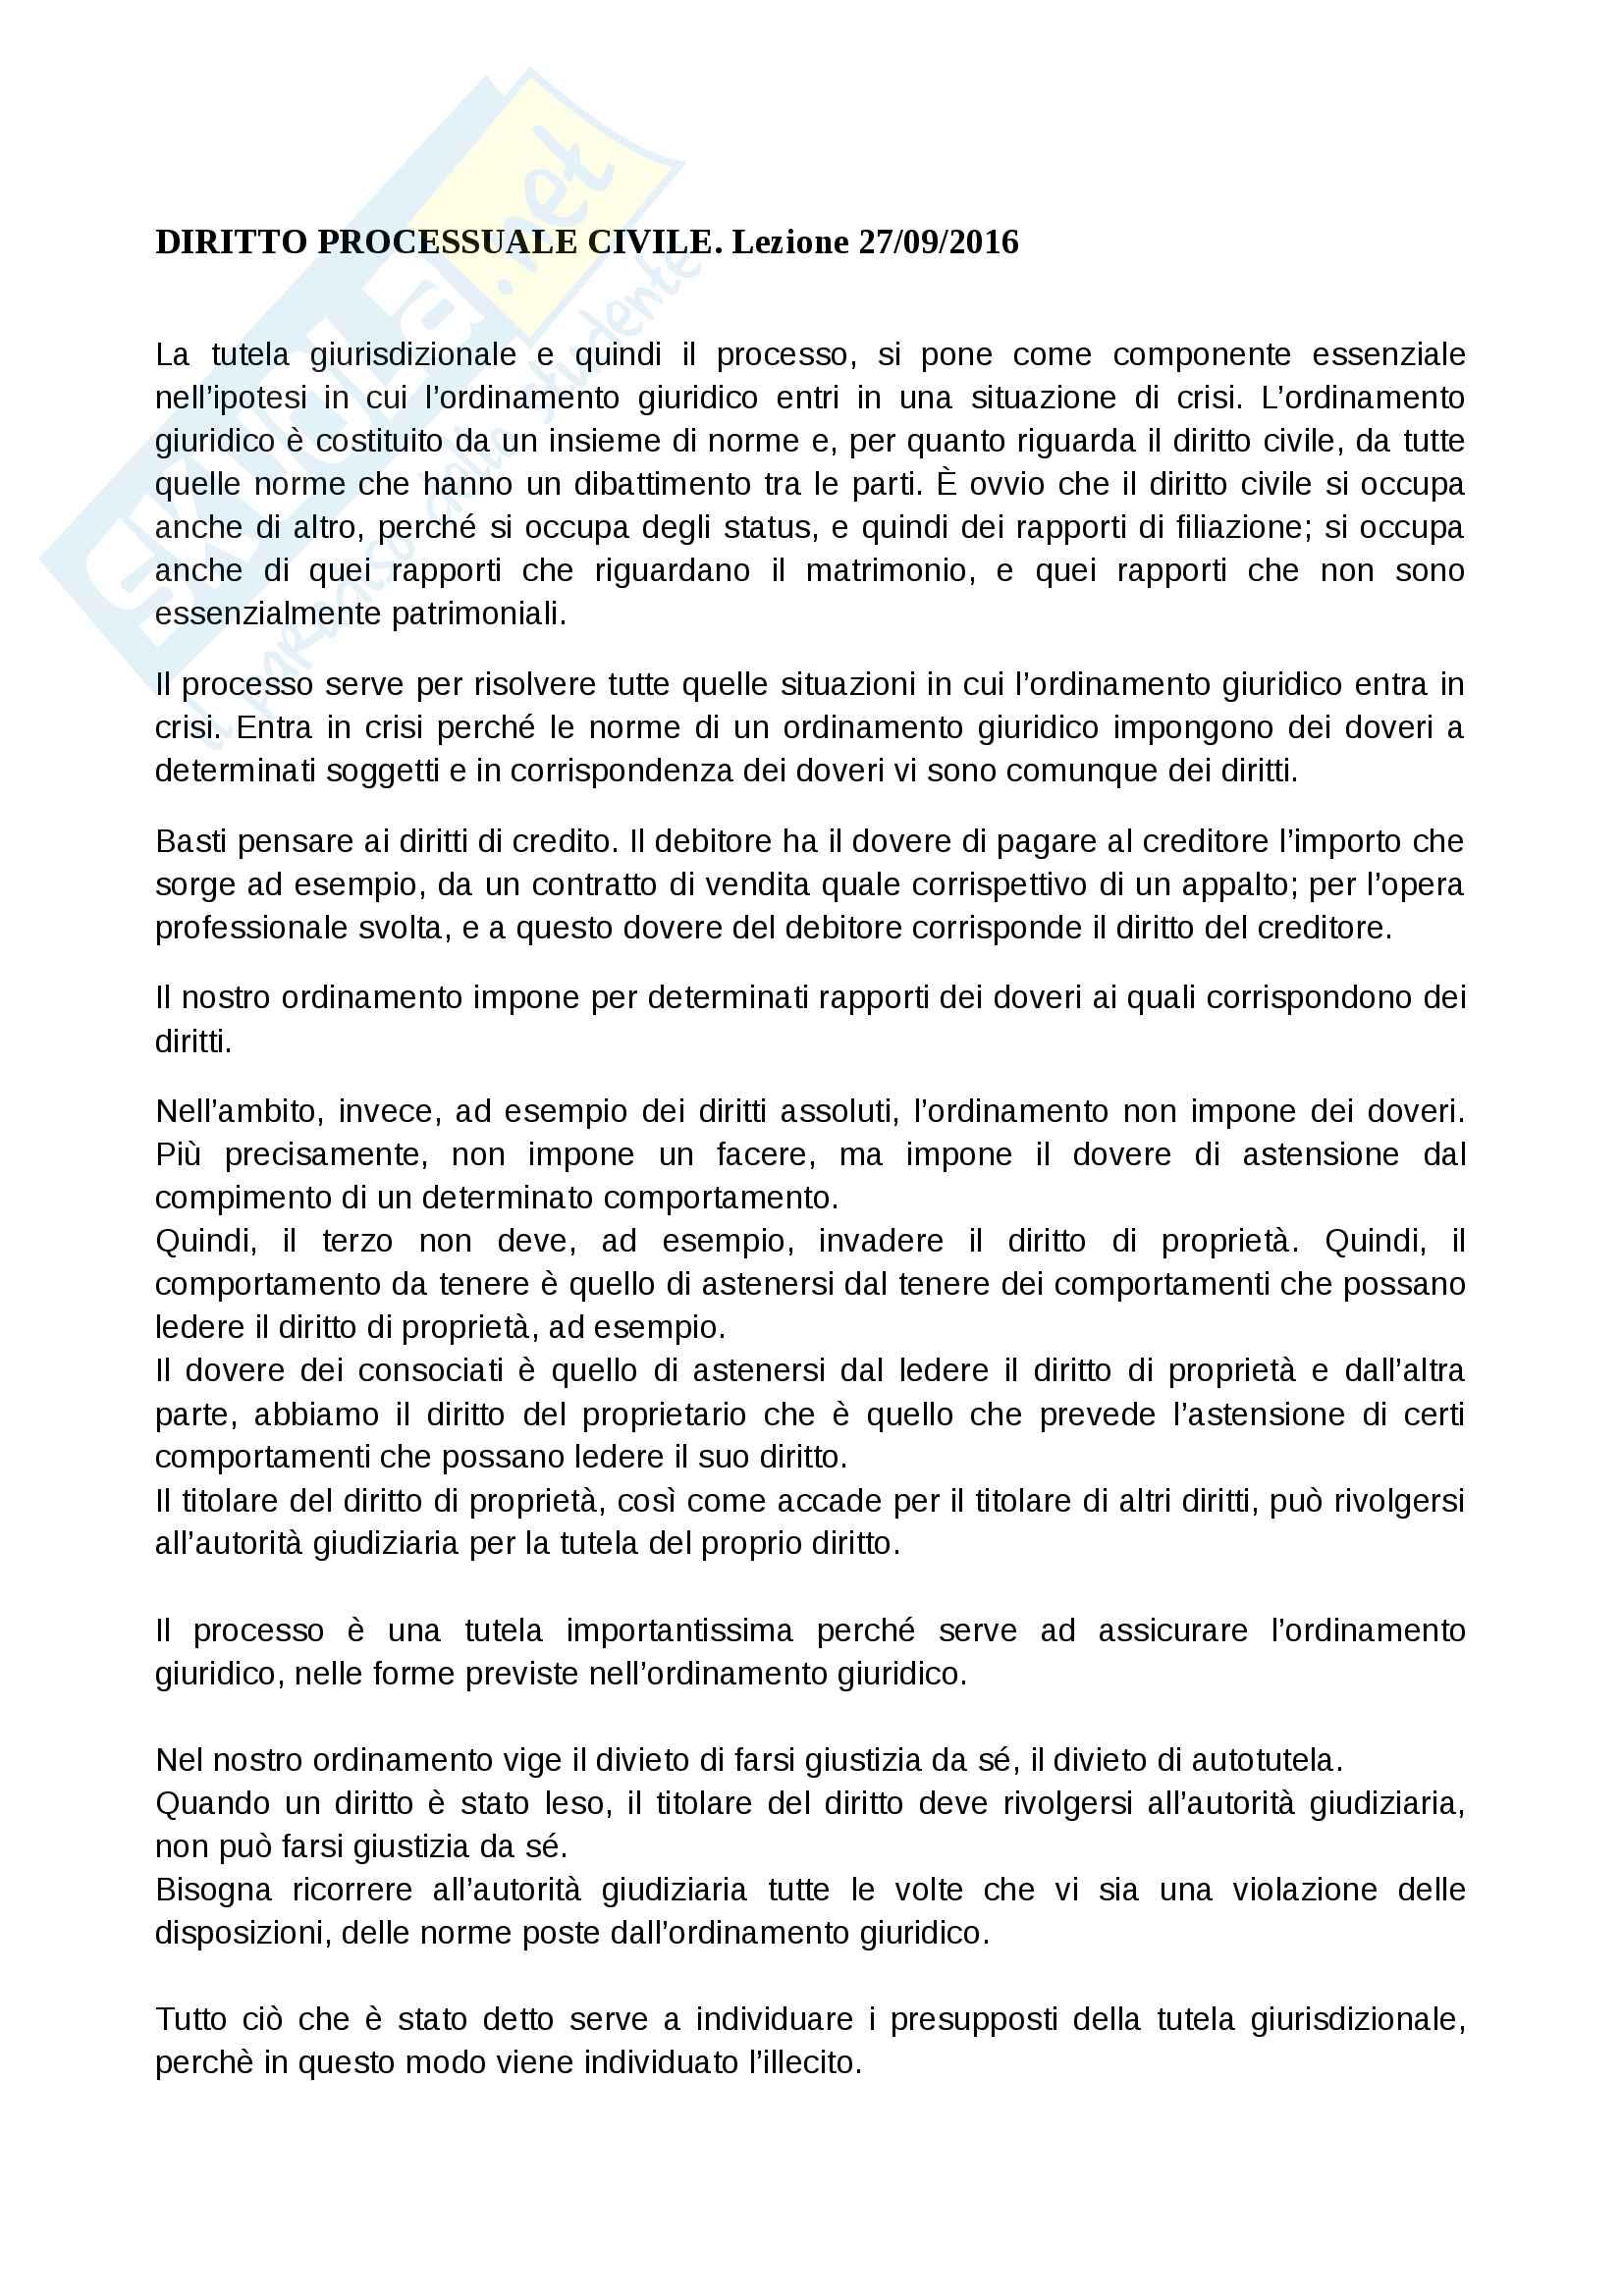 appunto F. Montaldo Diritto processuale civile